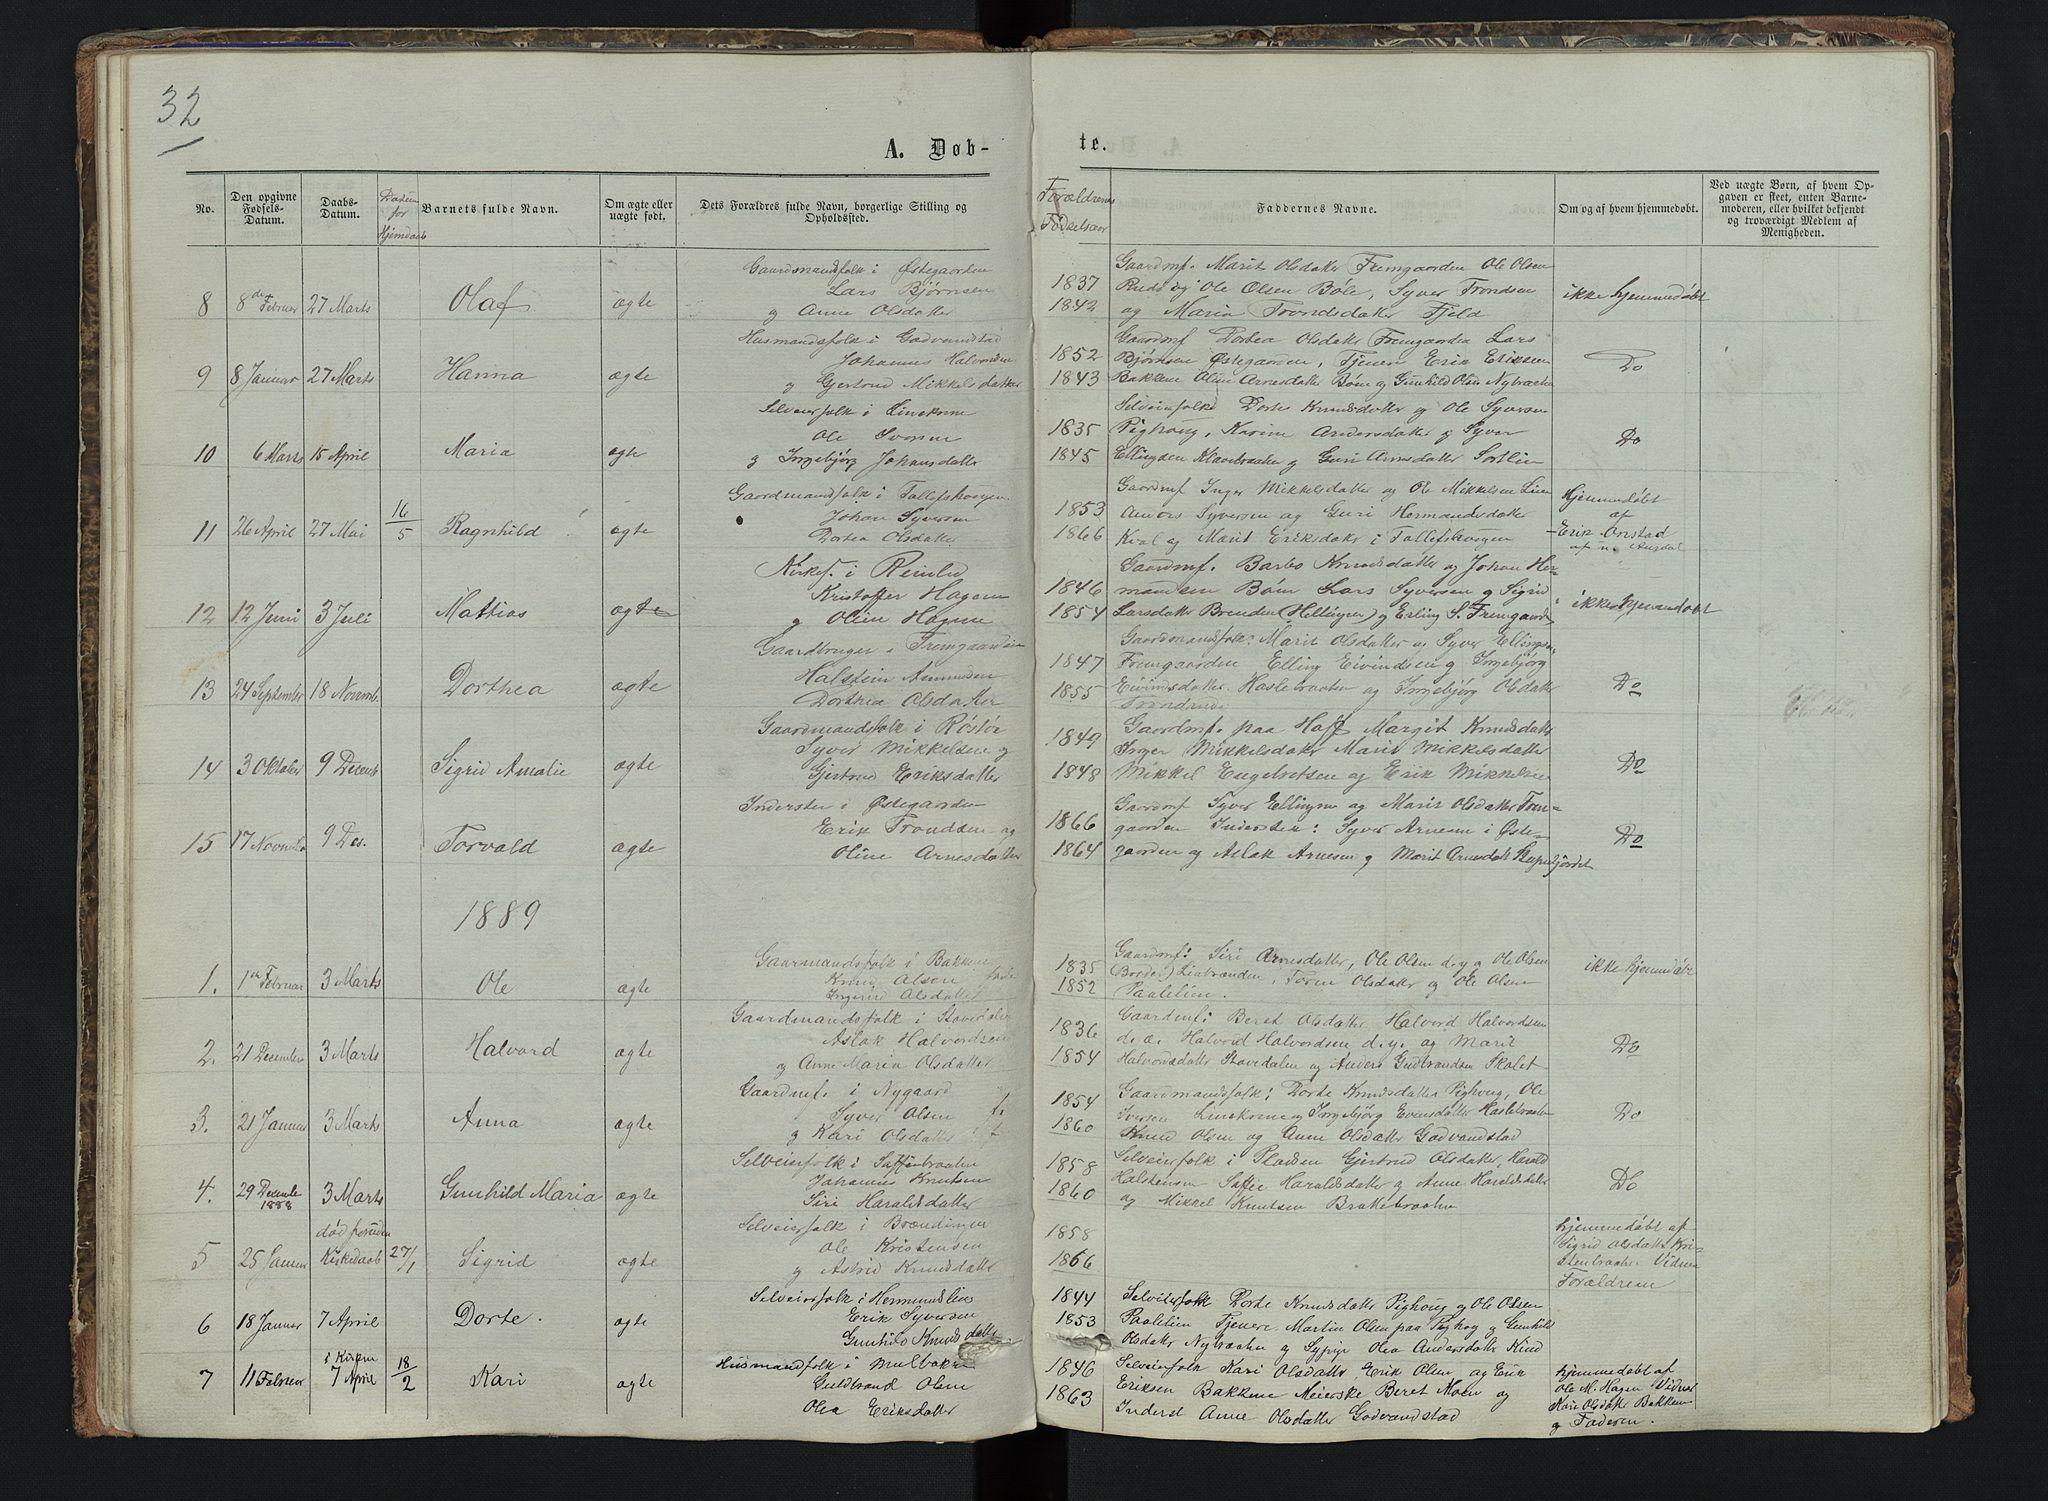 SAH, Sør-Aurdal prestekontor, Klokkerbok nr. 6, 1866-1893, s. 32